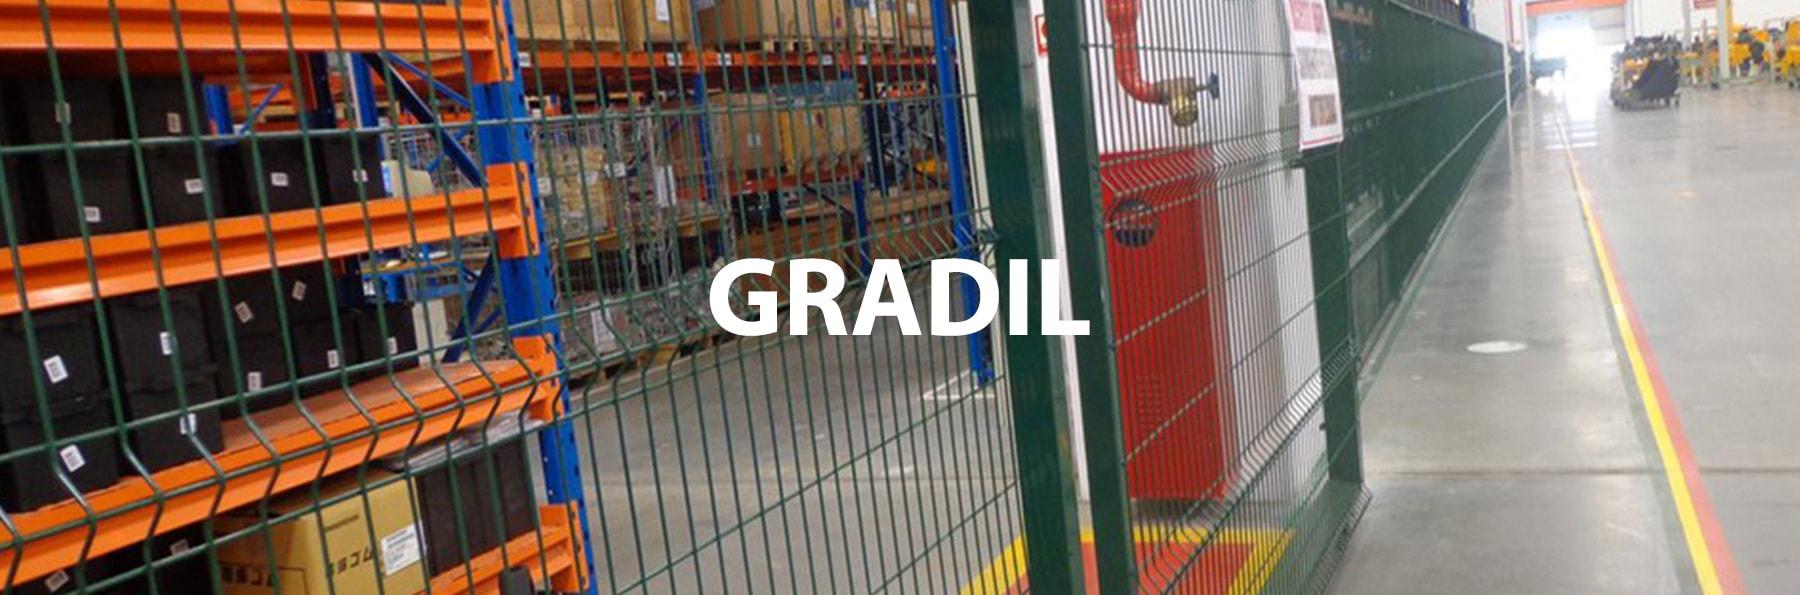 gradil-min-1